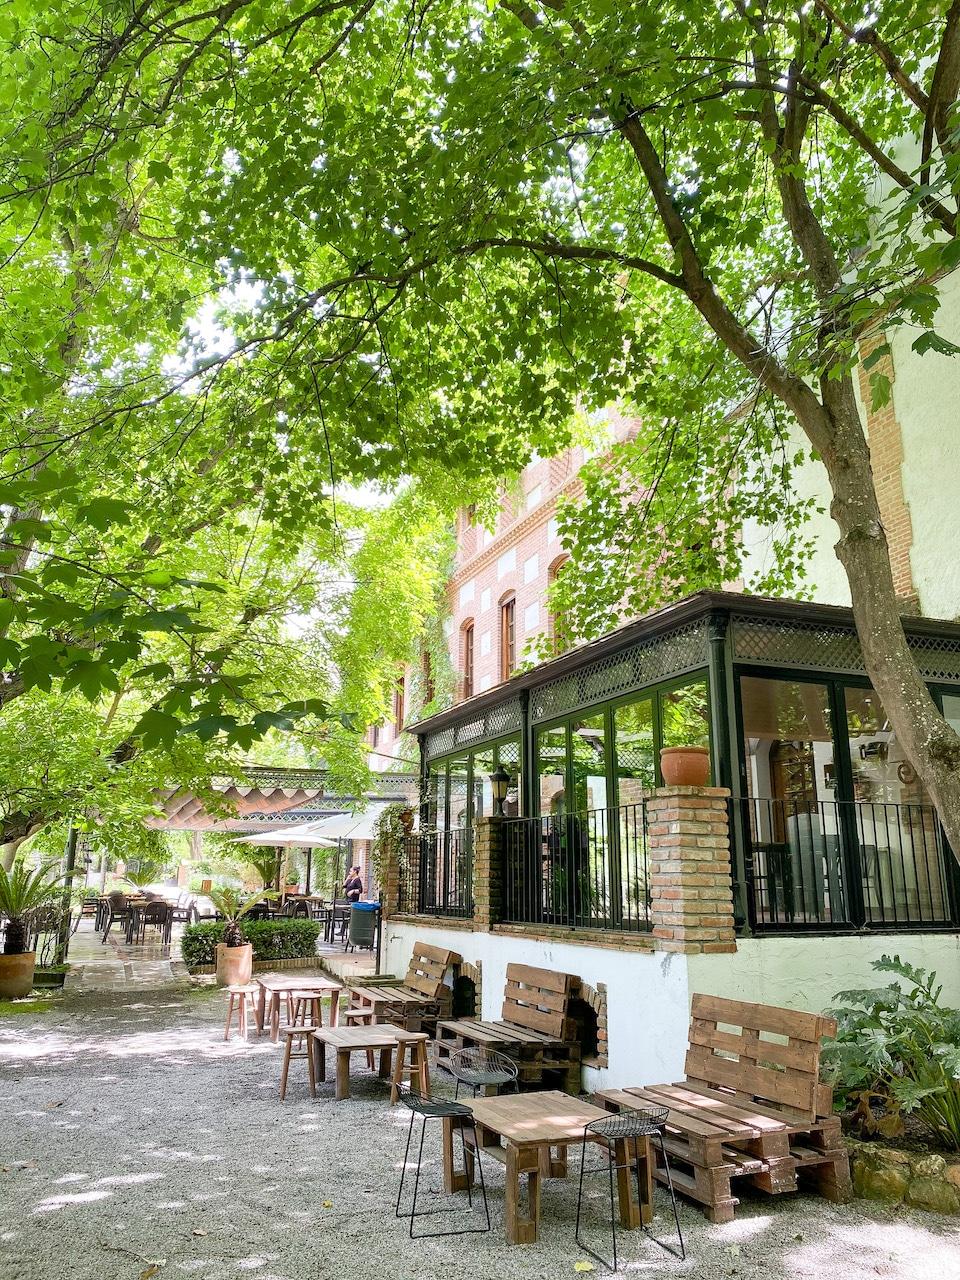 restaurants Valle de Lecrin - El Molino del Puente